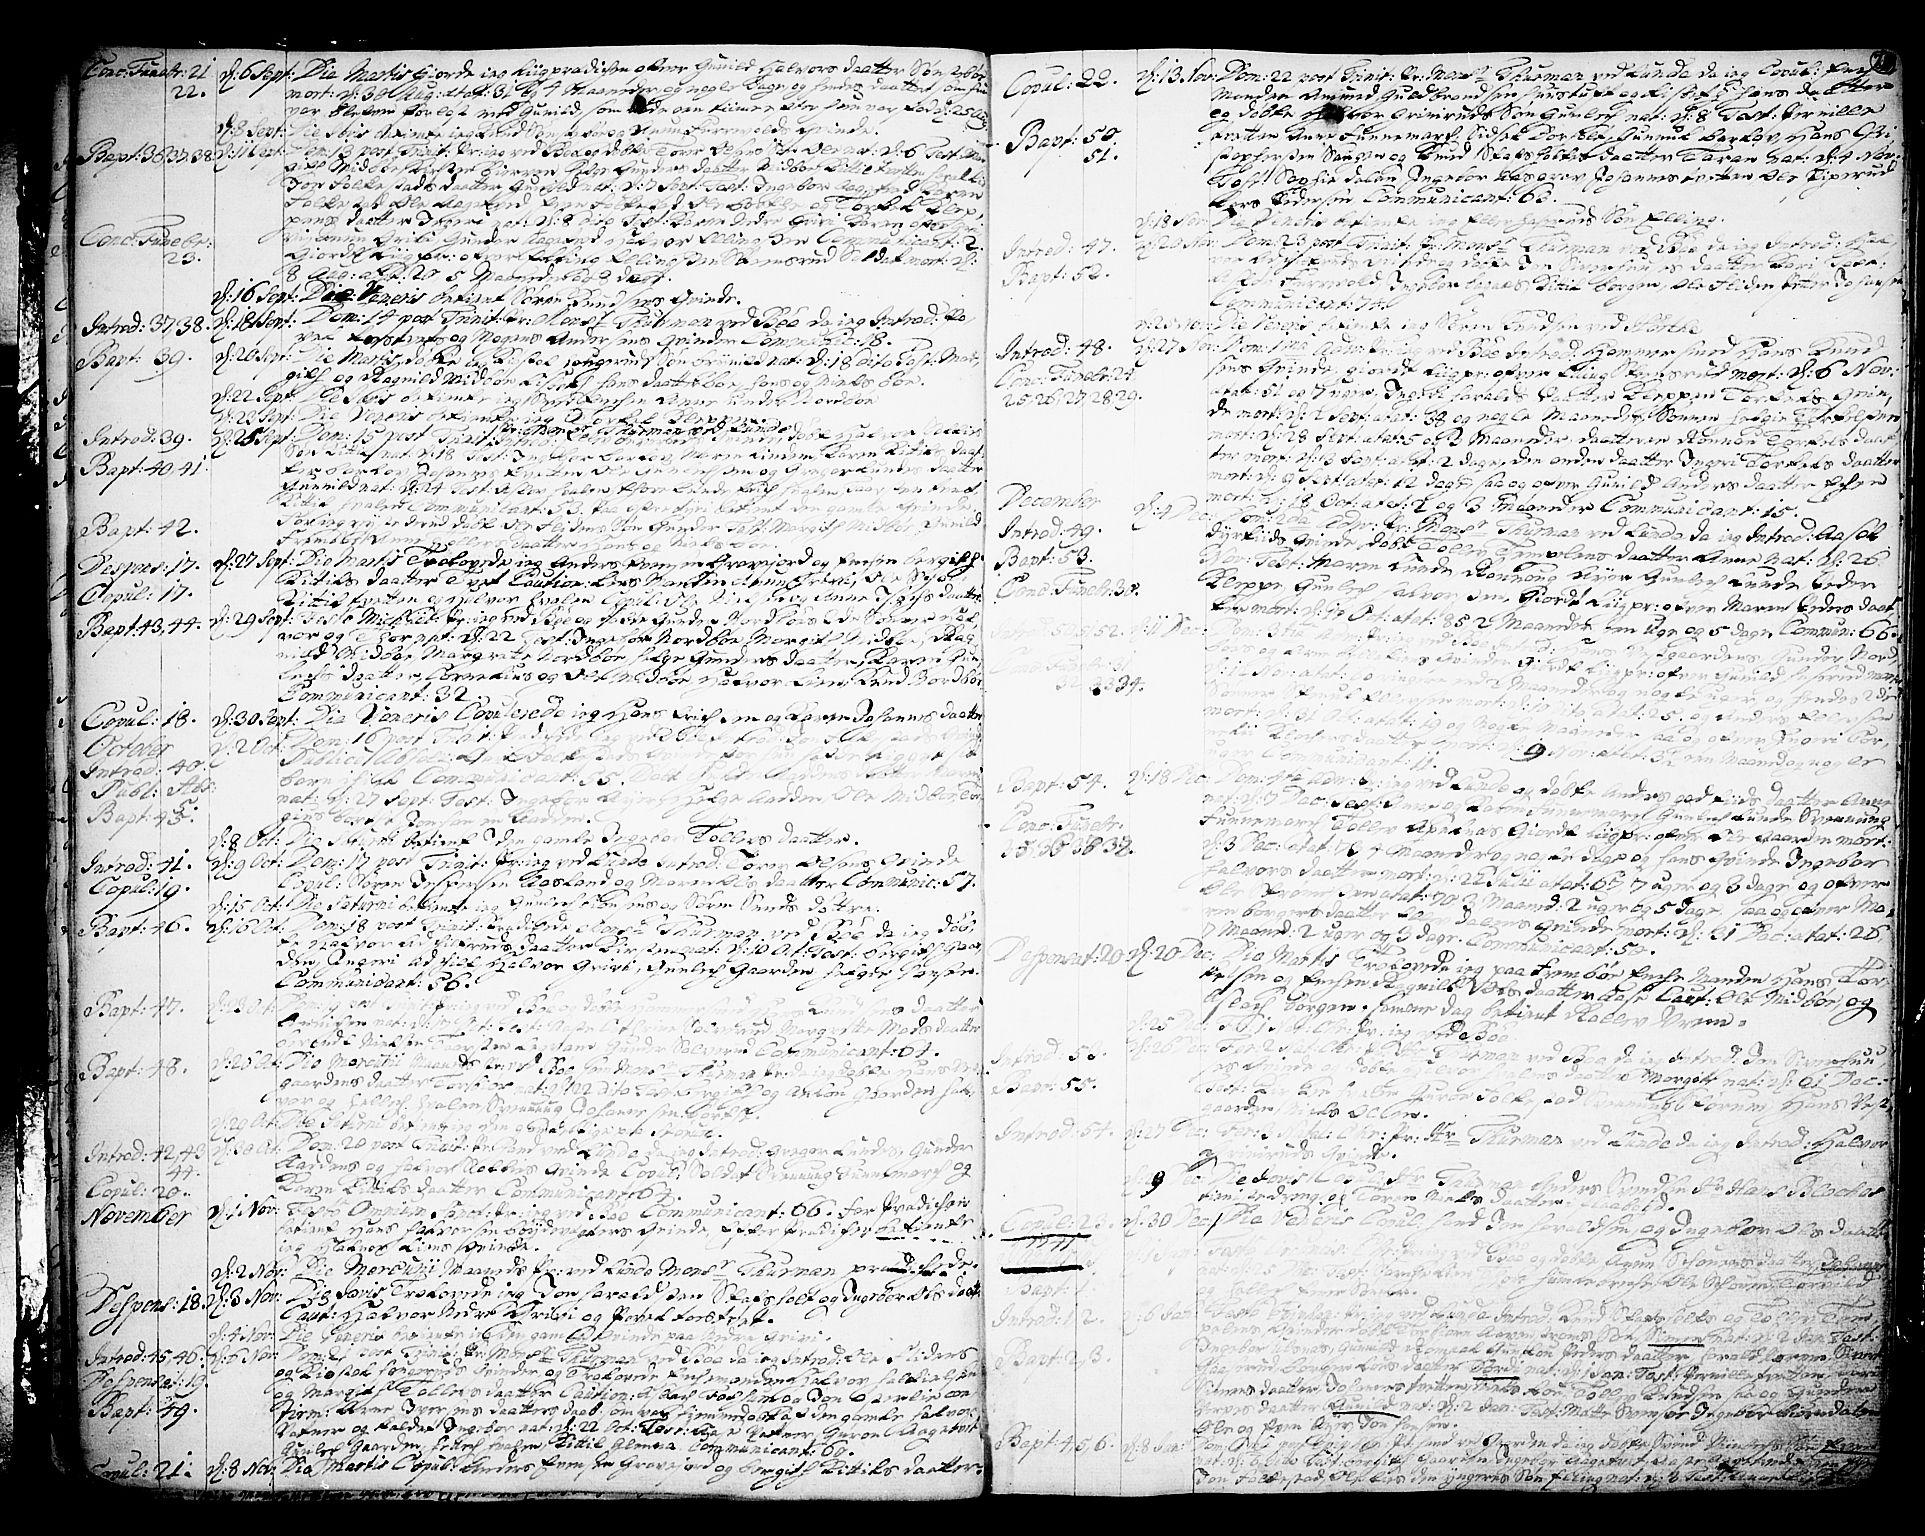 SAKO, Bø kirkebøker, F/Fa/L0003: Ministerialbok nr. 3, 1733-1748, s. 20